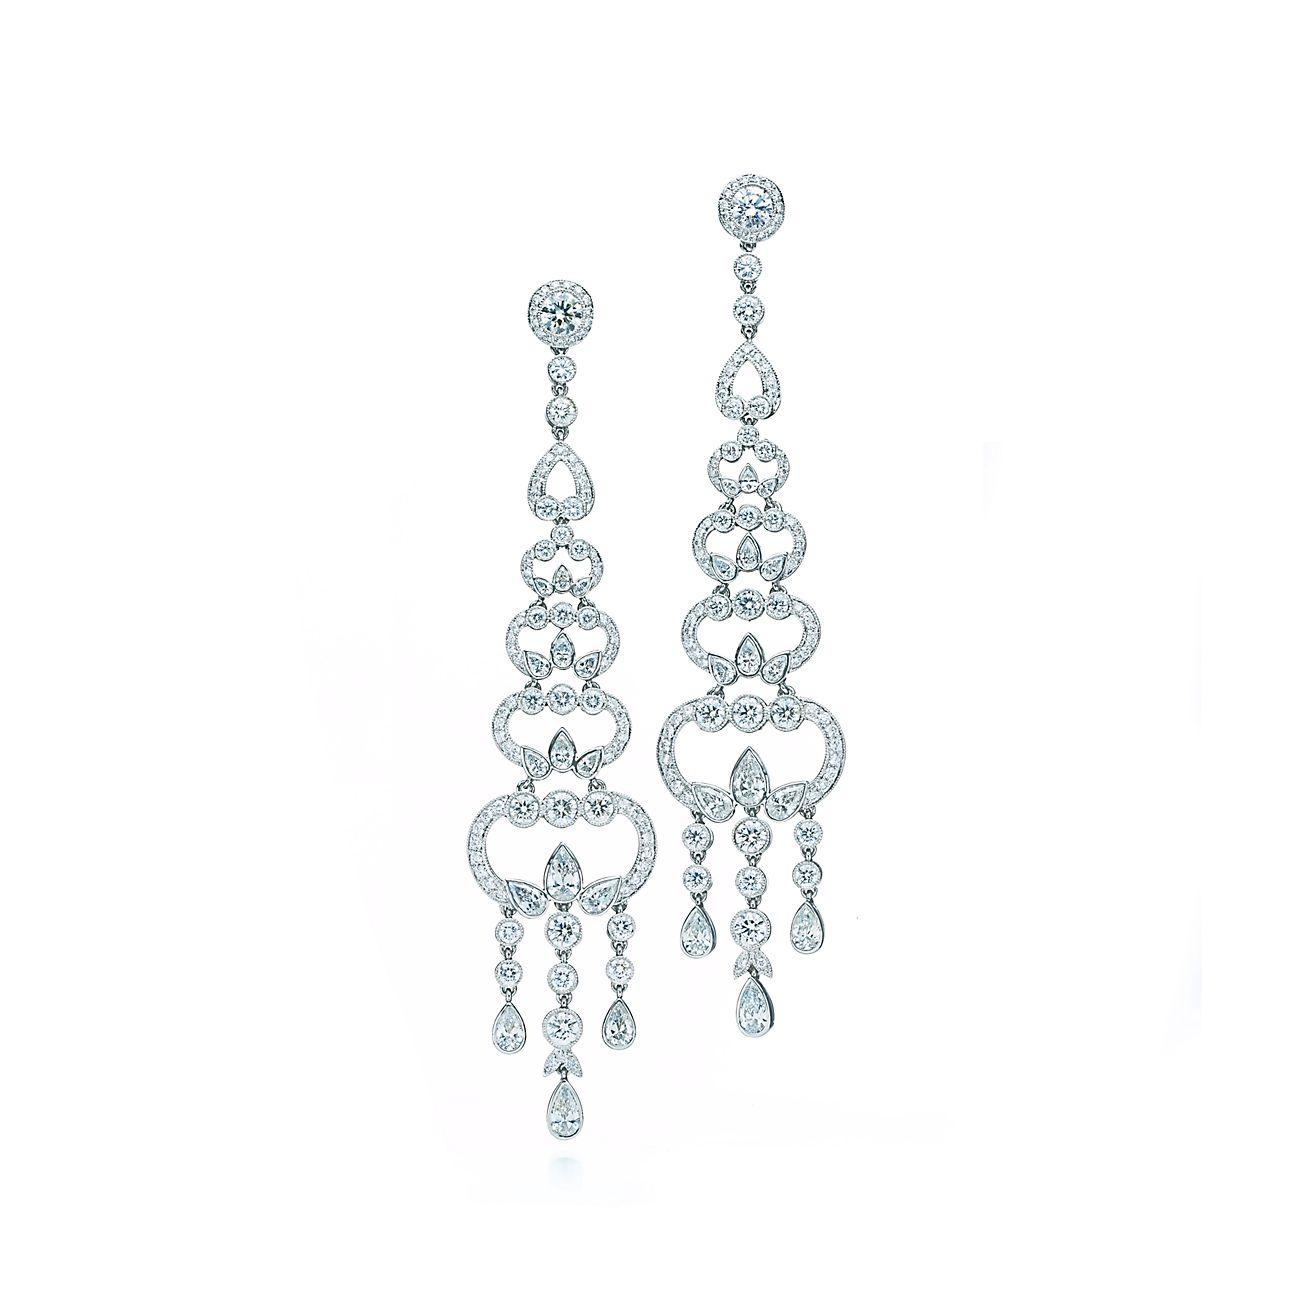 Diamond chandelier earrings in platinum – Tiffany Chandelier Earrings